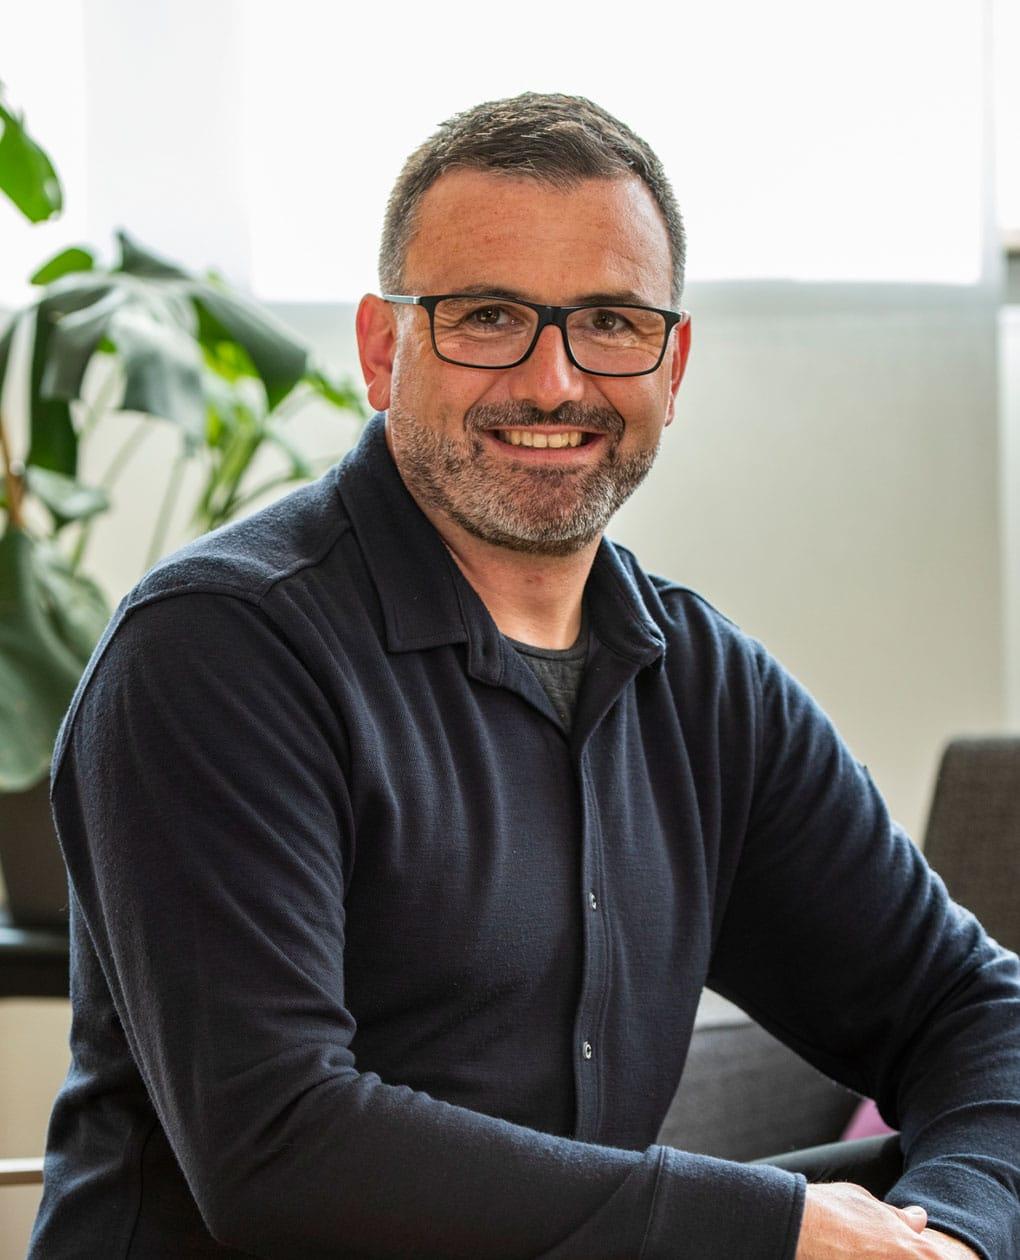 Andreas Schubert